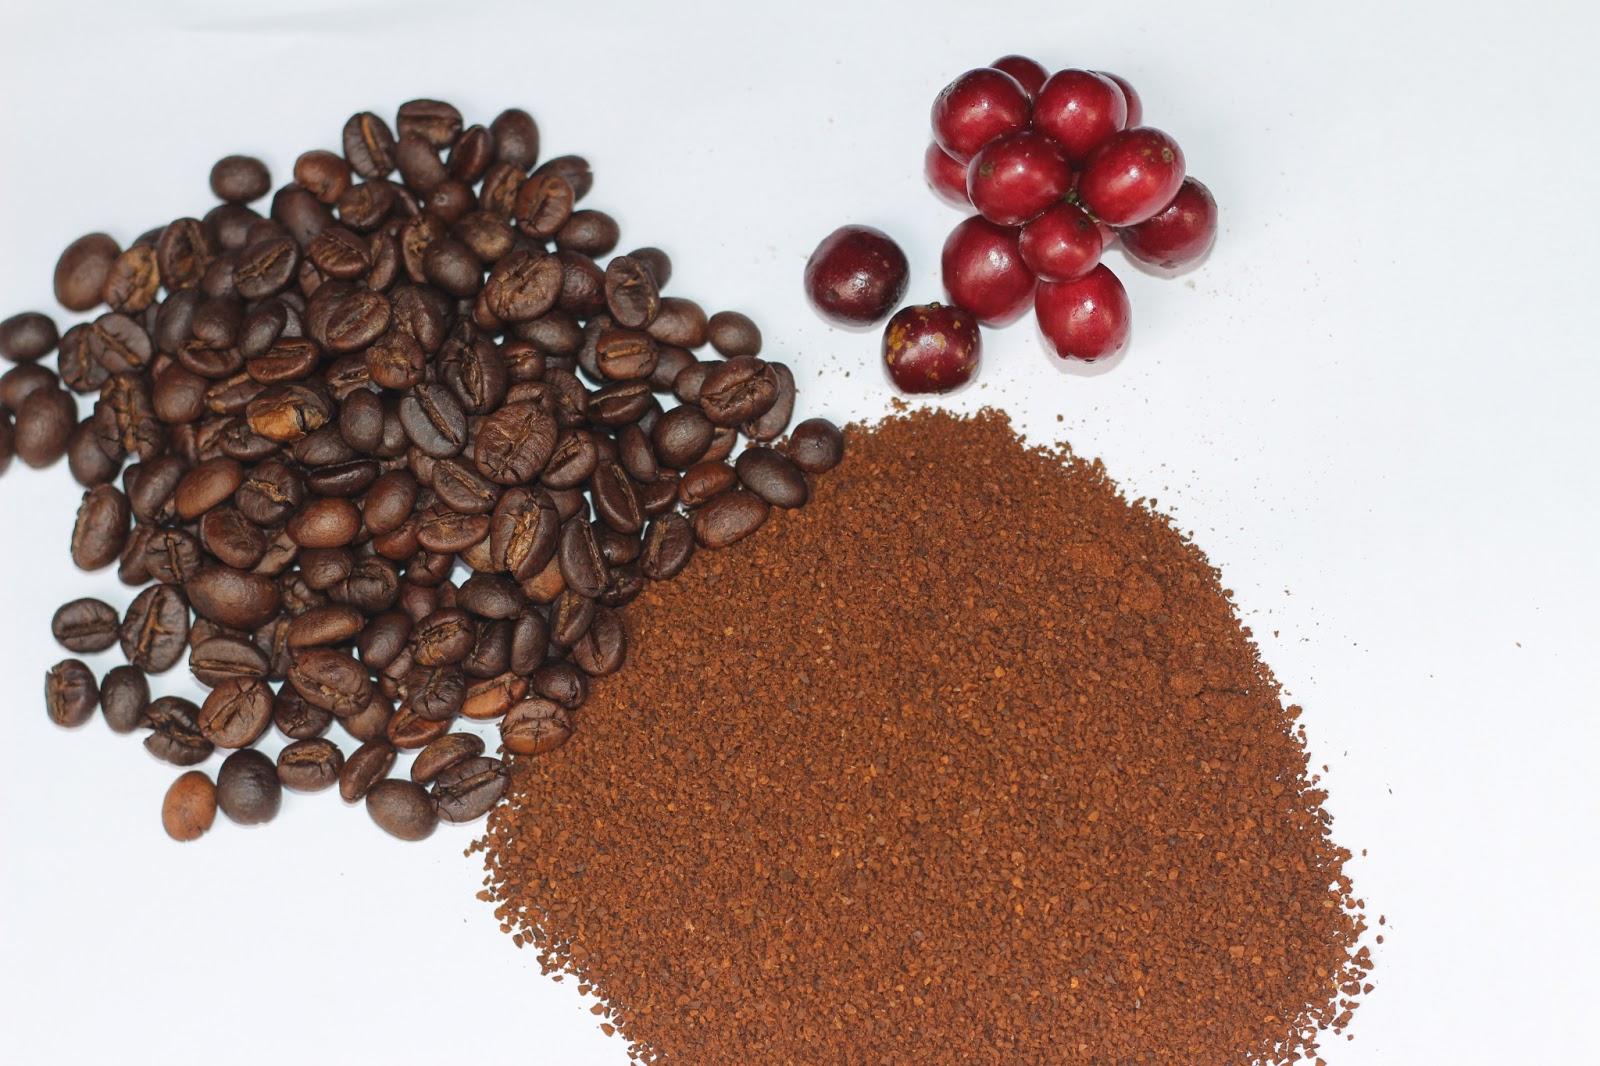 Các bạn nên trang bị kiến thức về cách nhận biết cà phê nguyên chất thật và giả